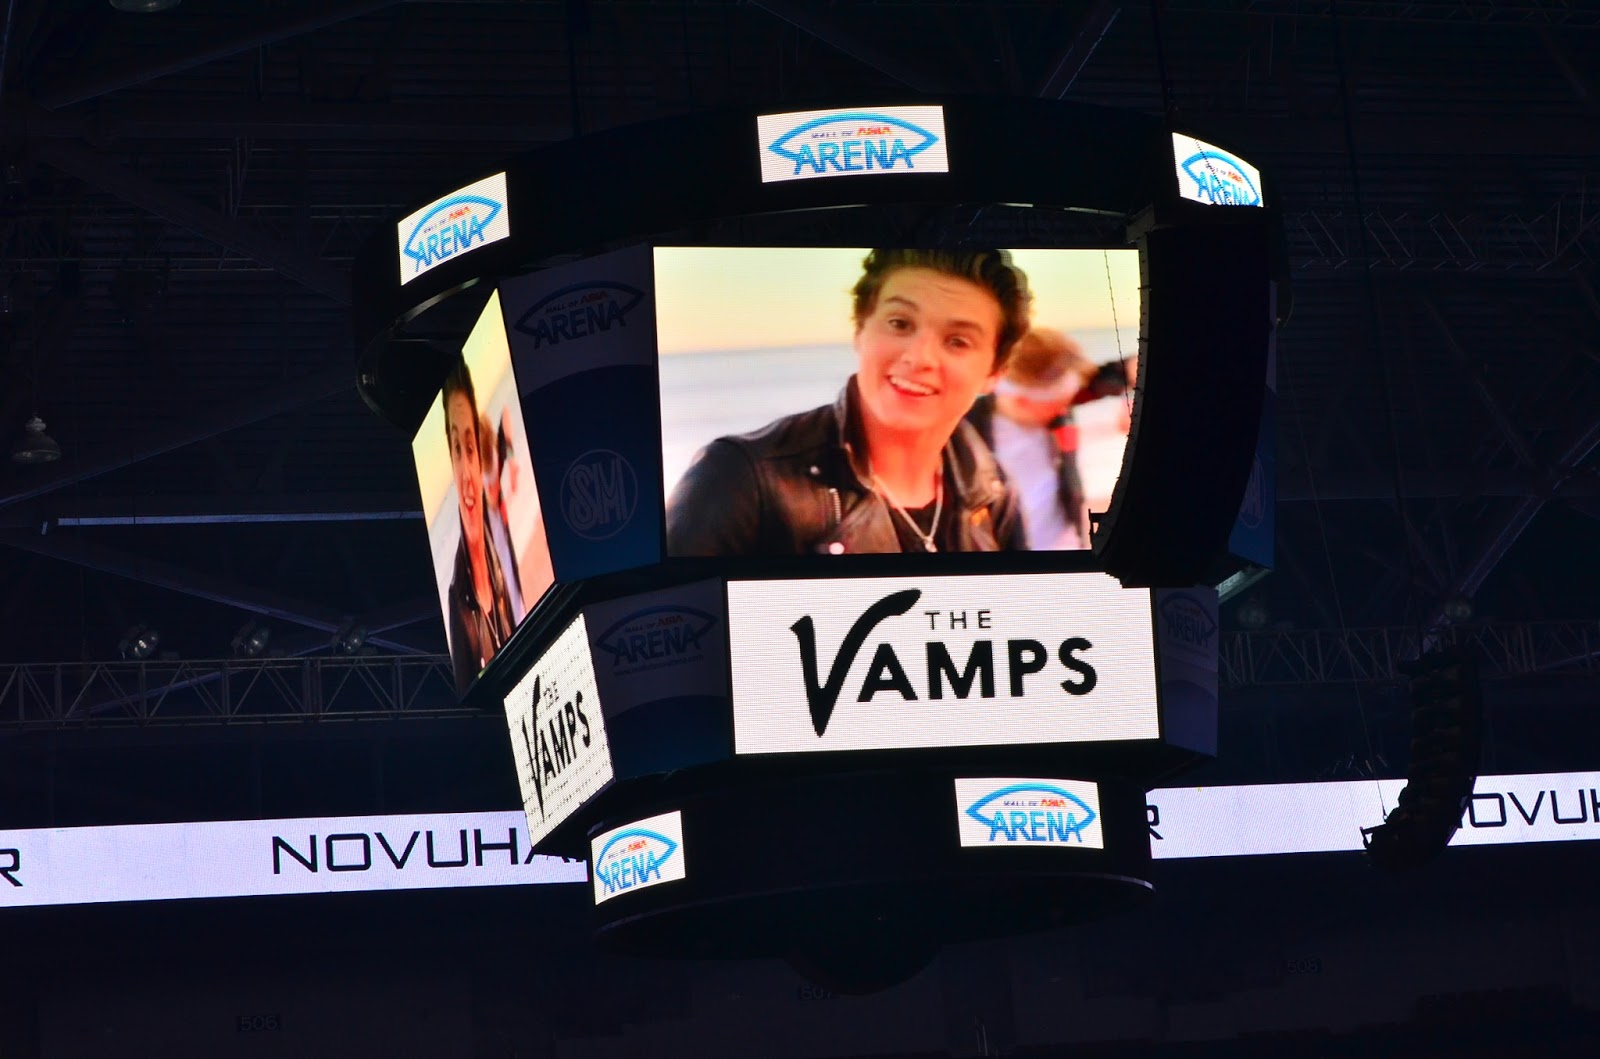 meet the vamps live in concert torrent